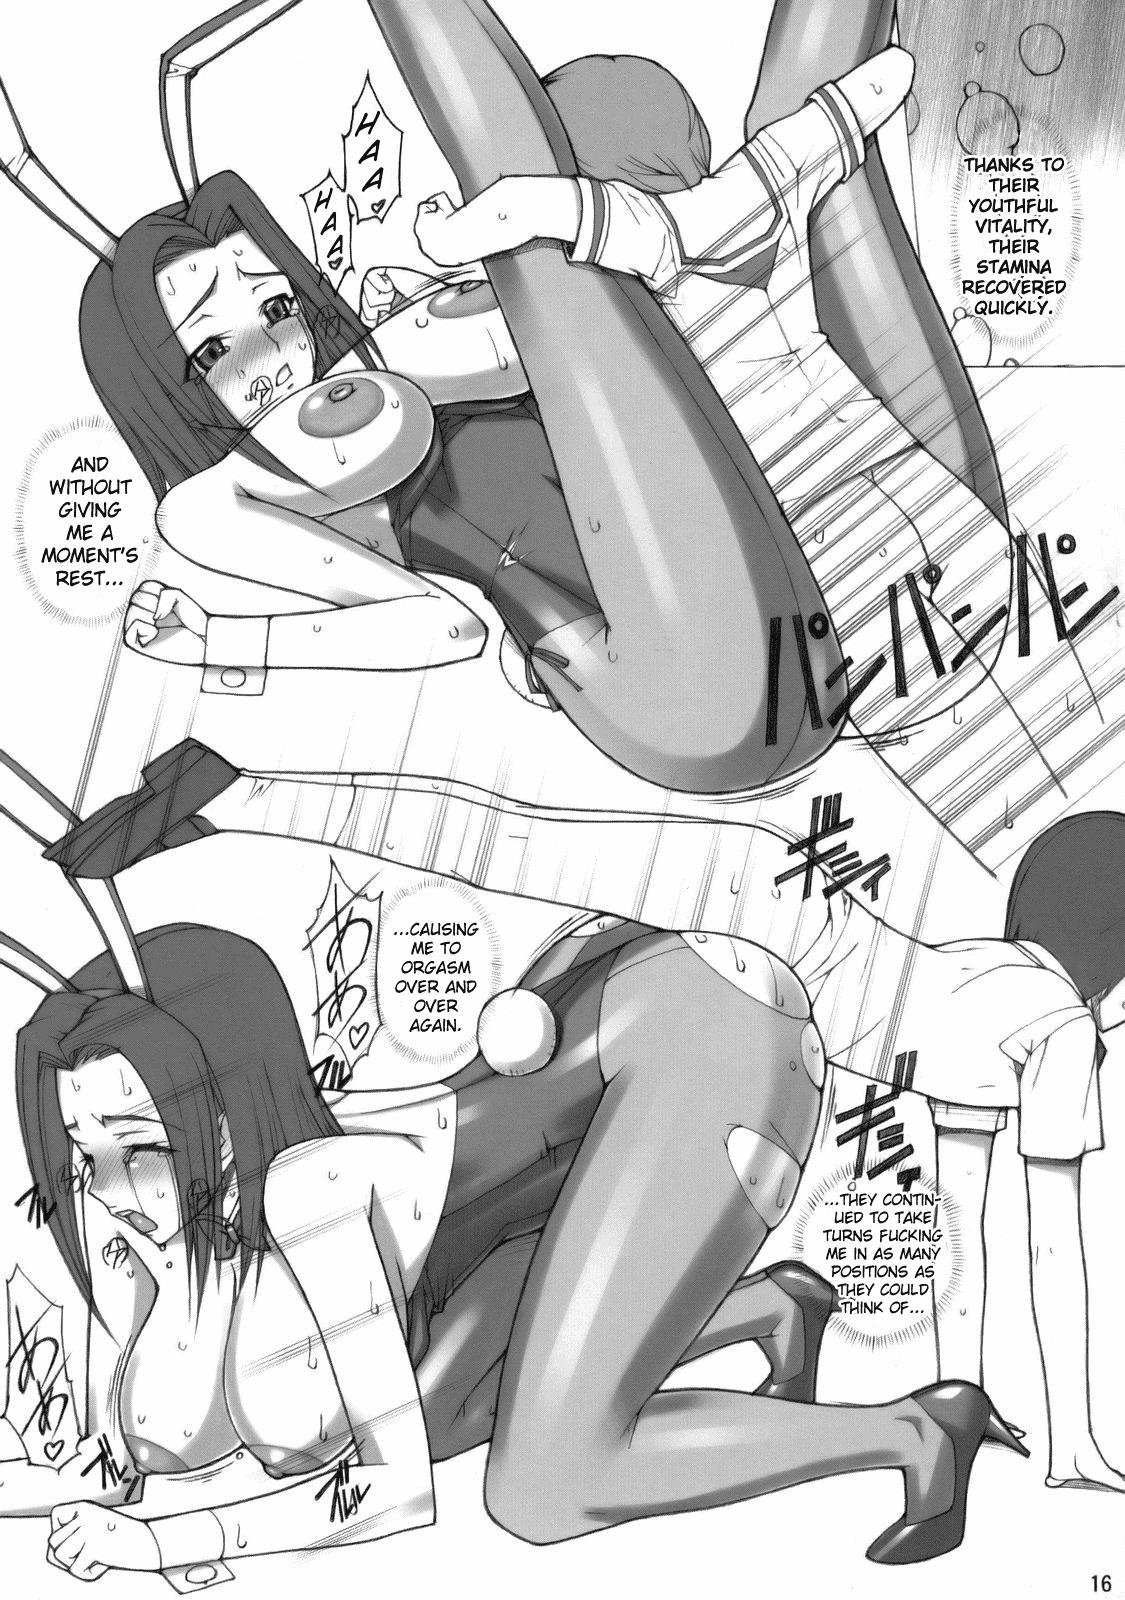 Kallen Hentai Doujin Album Manga Doujinshi